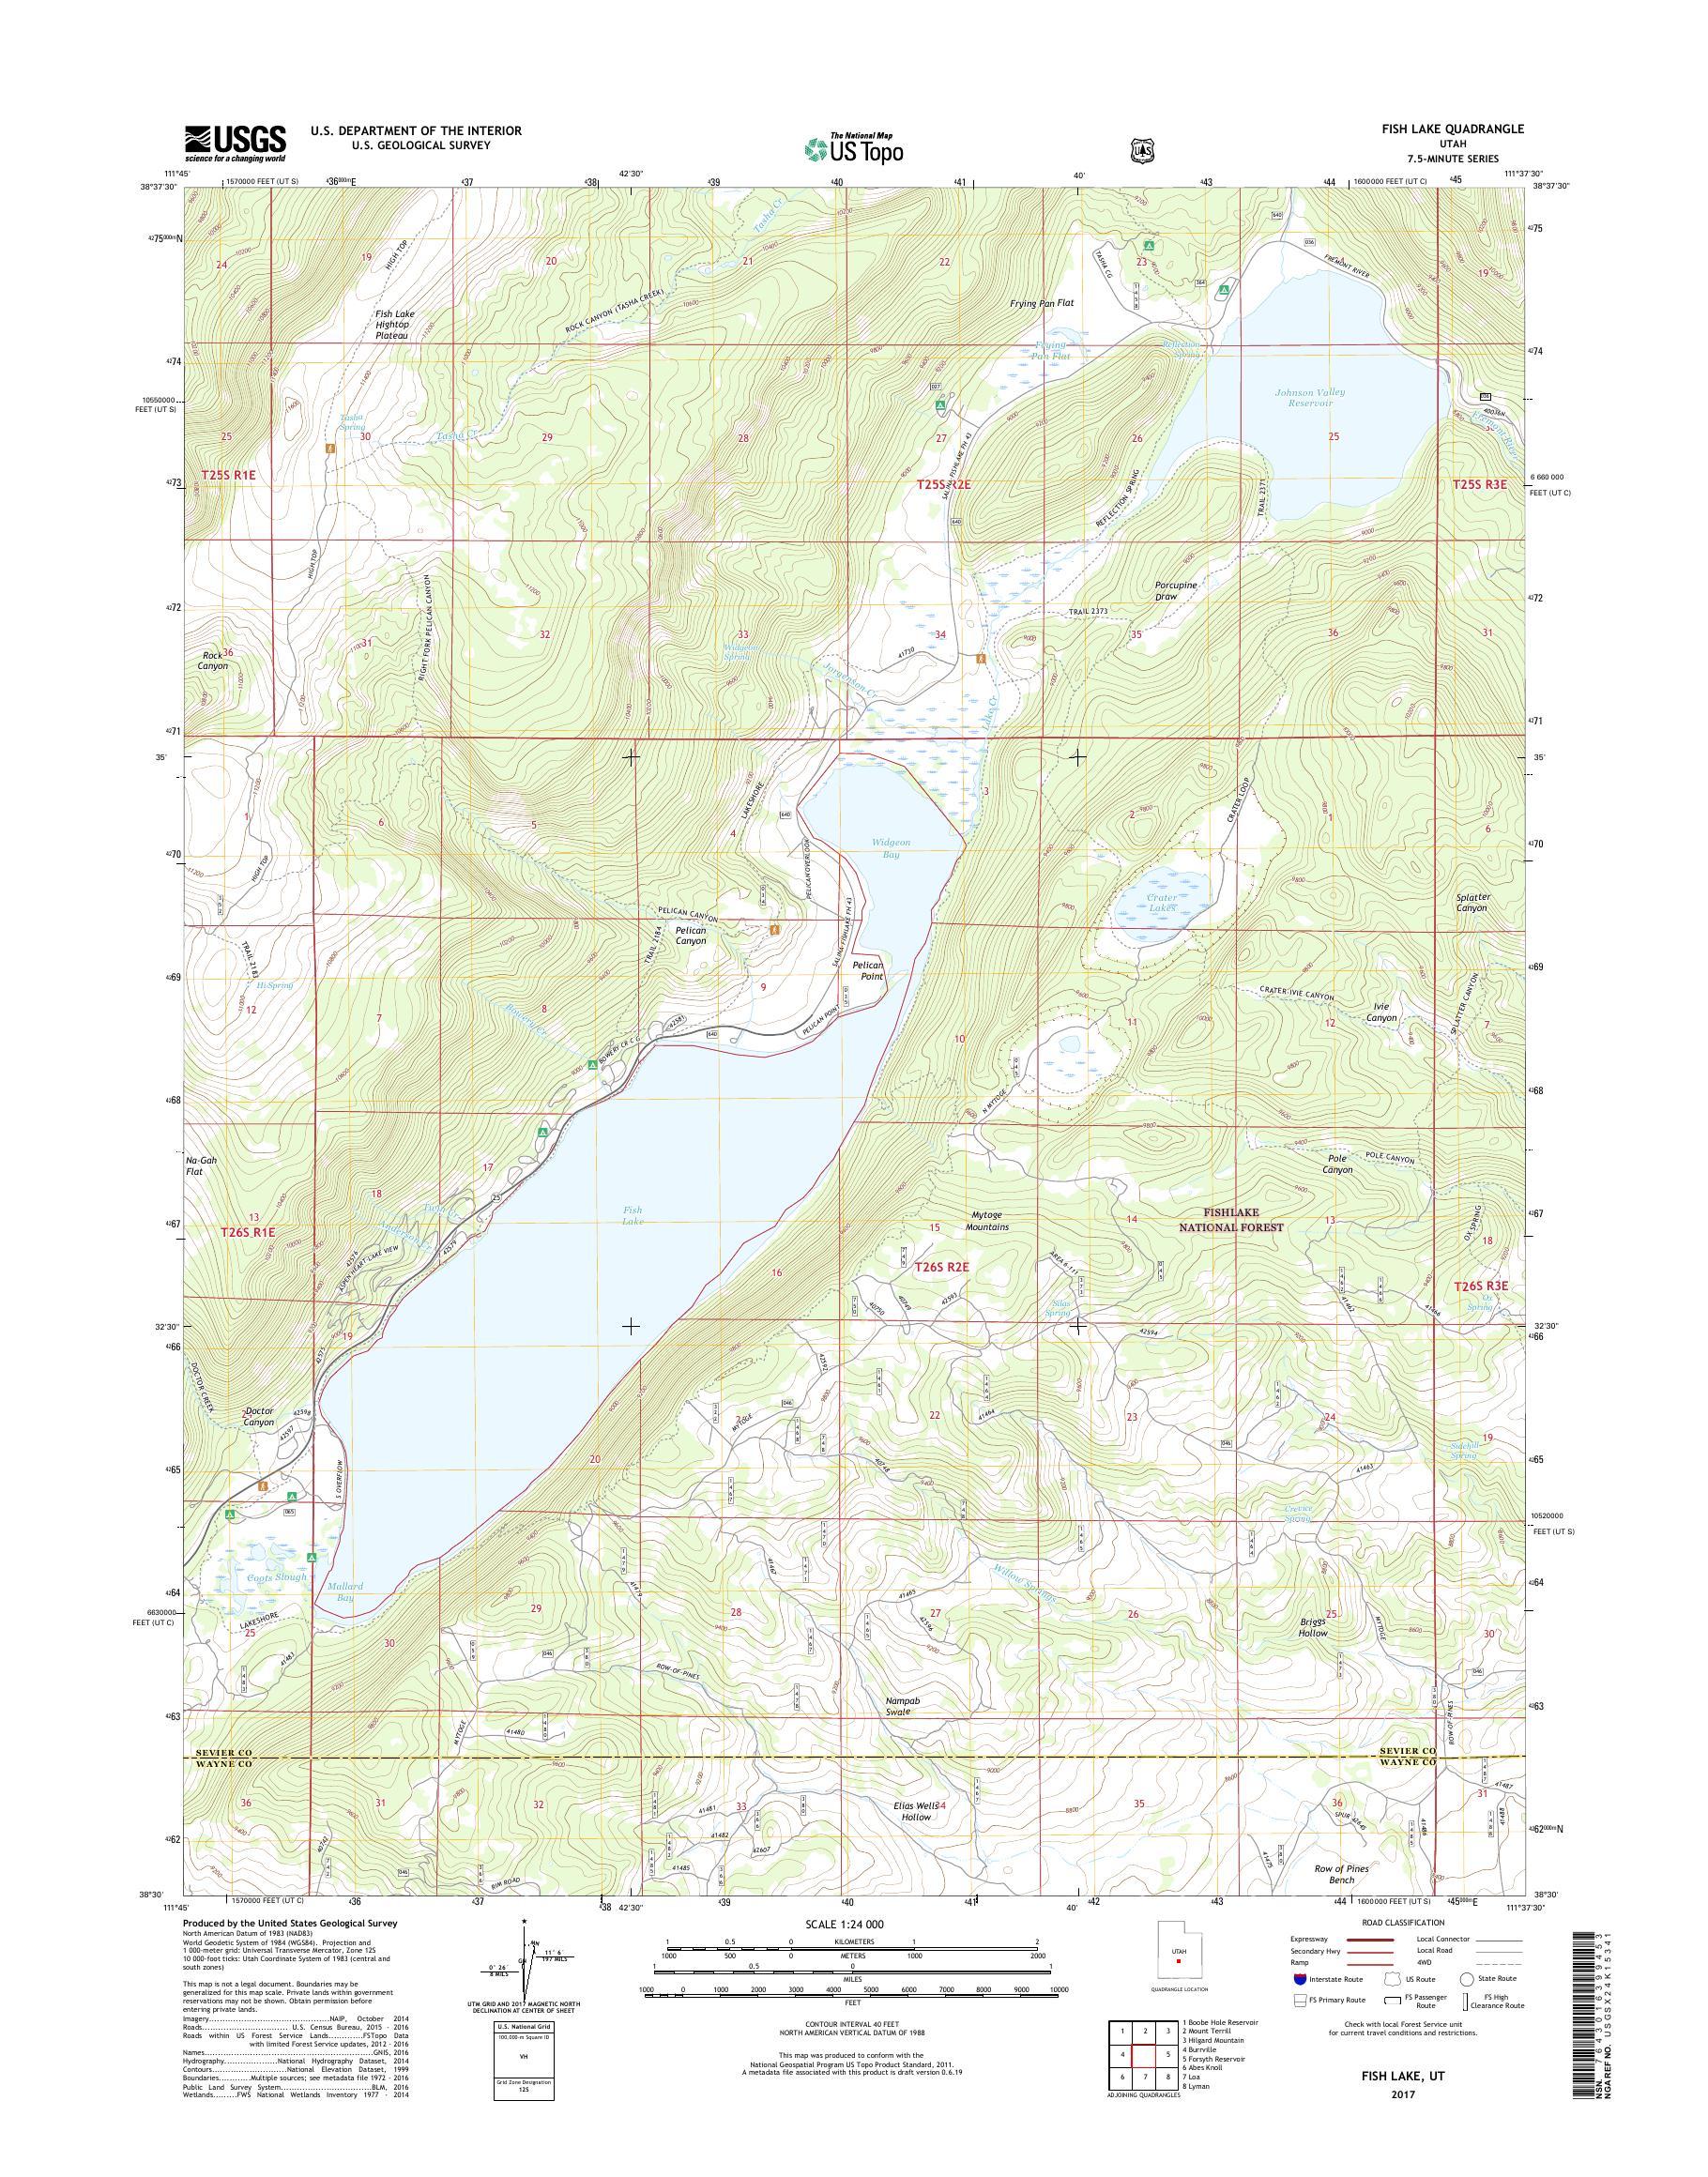 MyTopo Fish Lake, Utah USGS Quad Topo Map on 15 freeway map, i 15 california map, i 15 idaho map, i-15 south map, i 15 mile marker map,